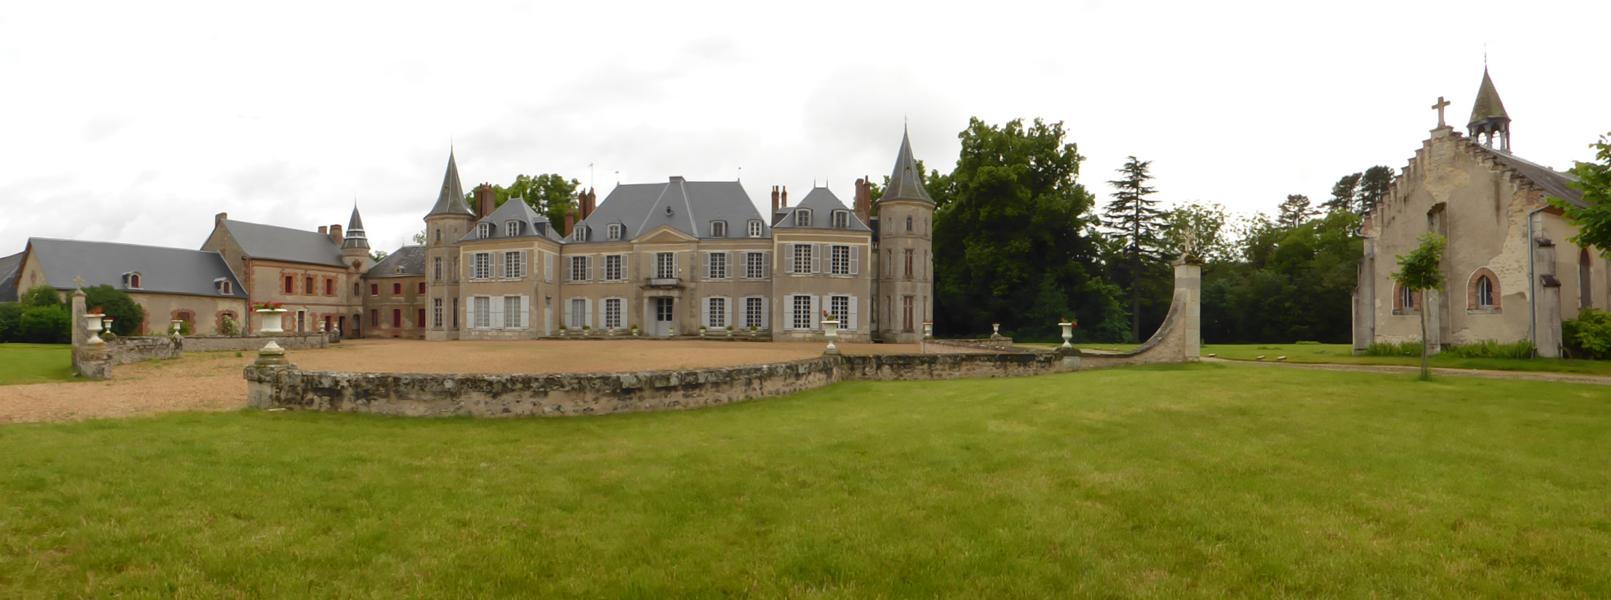 Château de Cambray - Château de Cambray